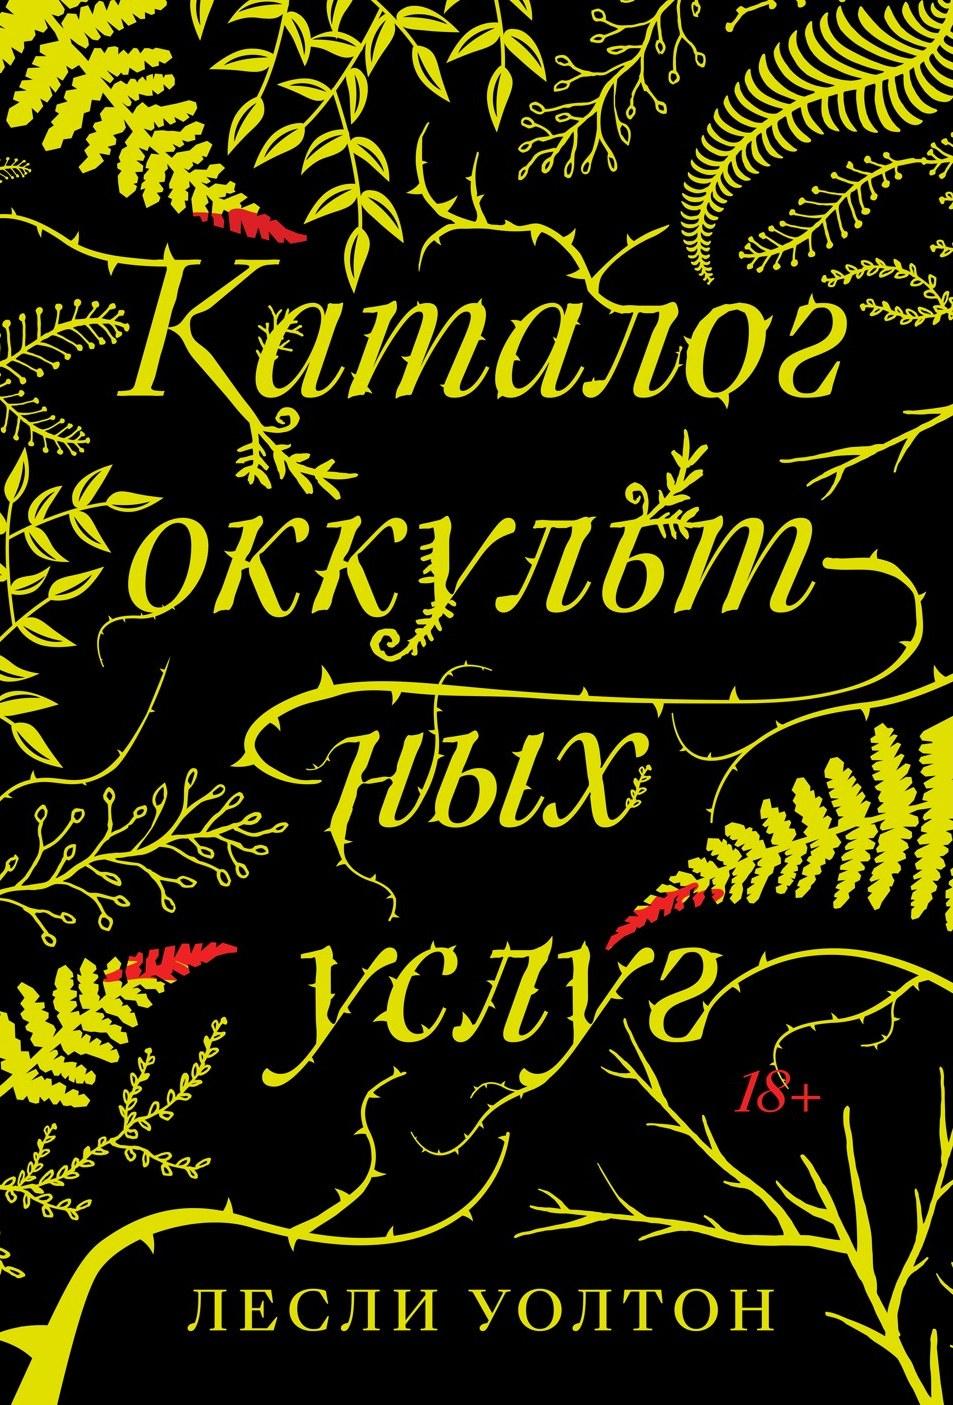 Читаем книгу «Каталог оккультных услуг» Лесли Уолтон 1